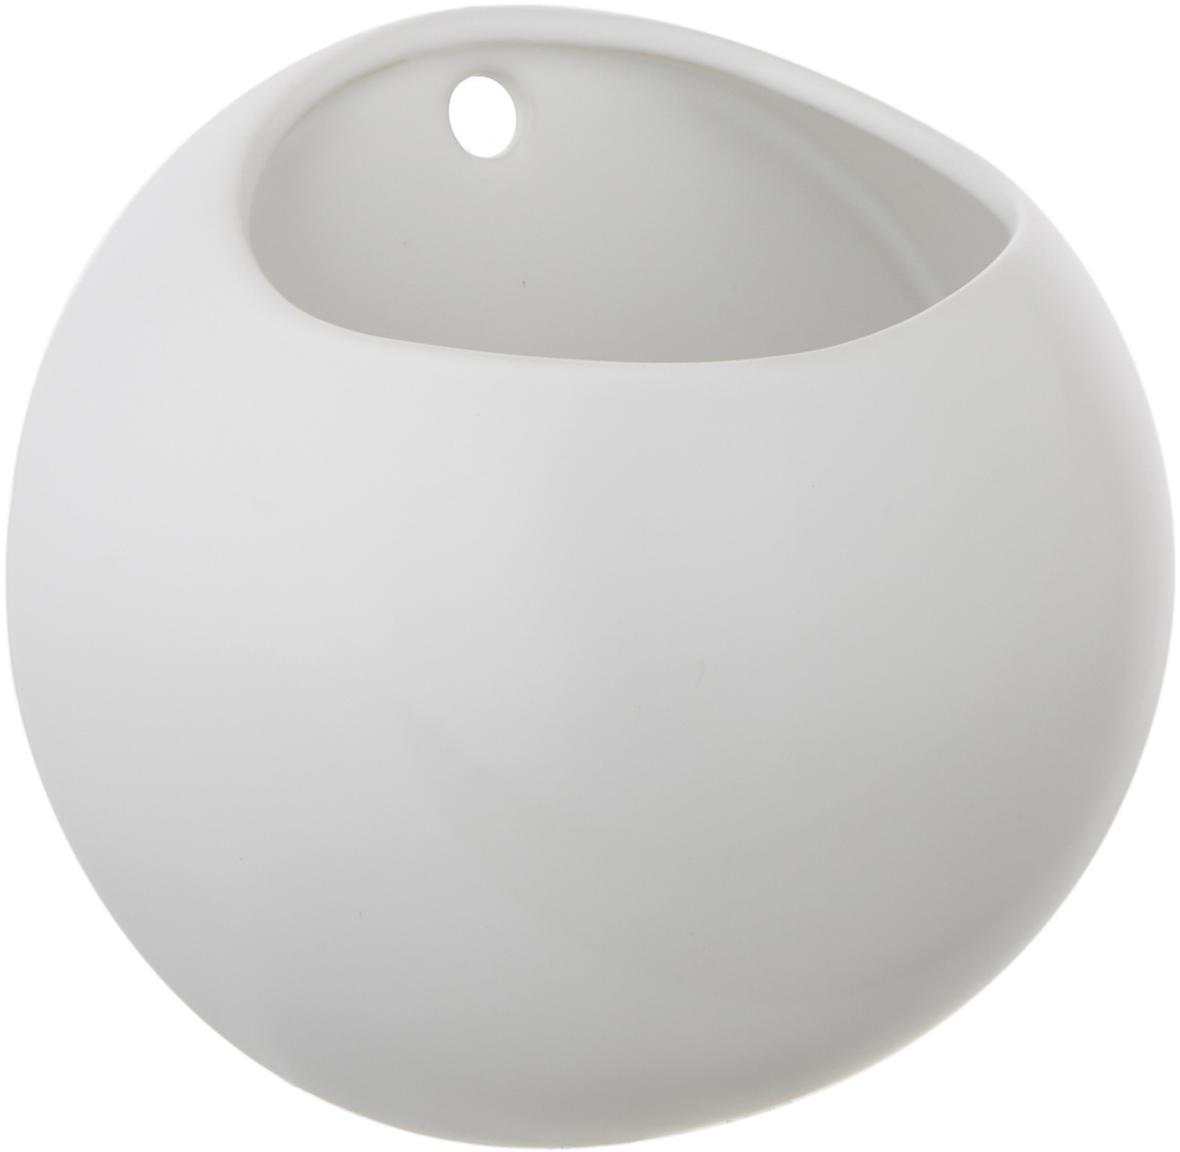 Portavaso da parete in ceramica Globe, Ceramica, Bianco, Ø 15 x Alt. 10 cm